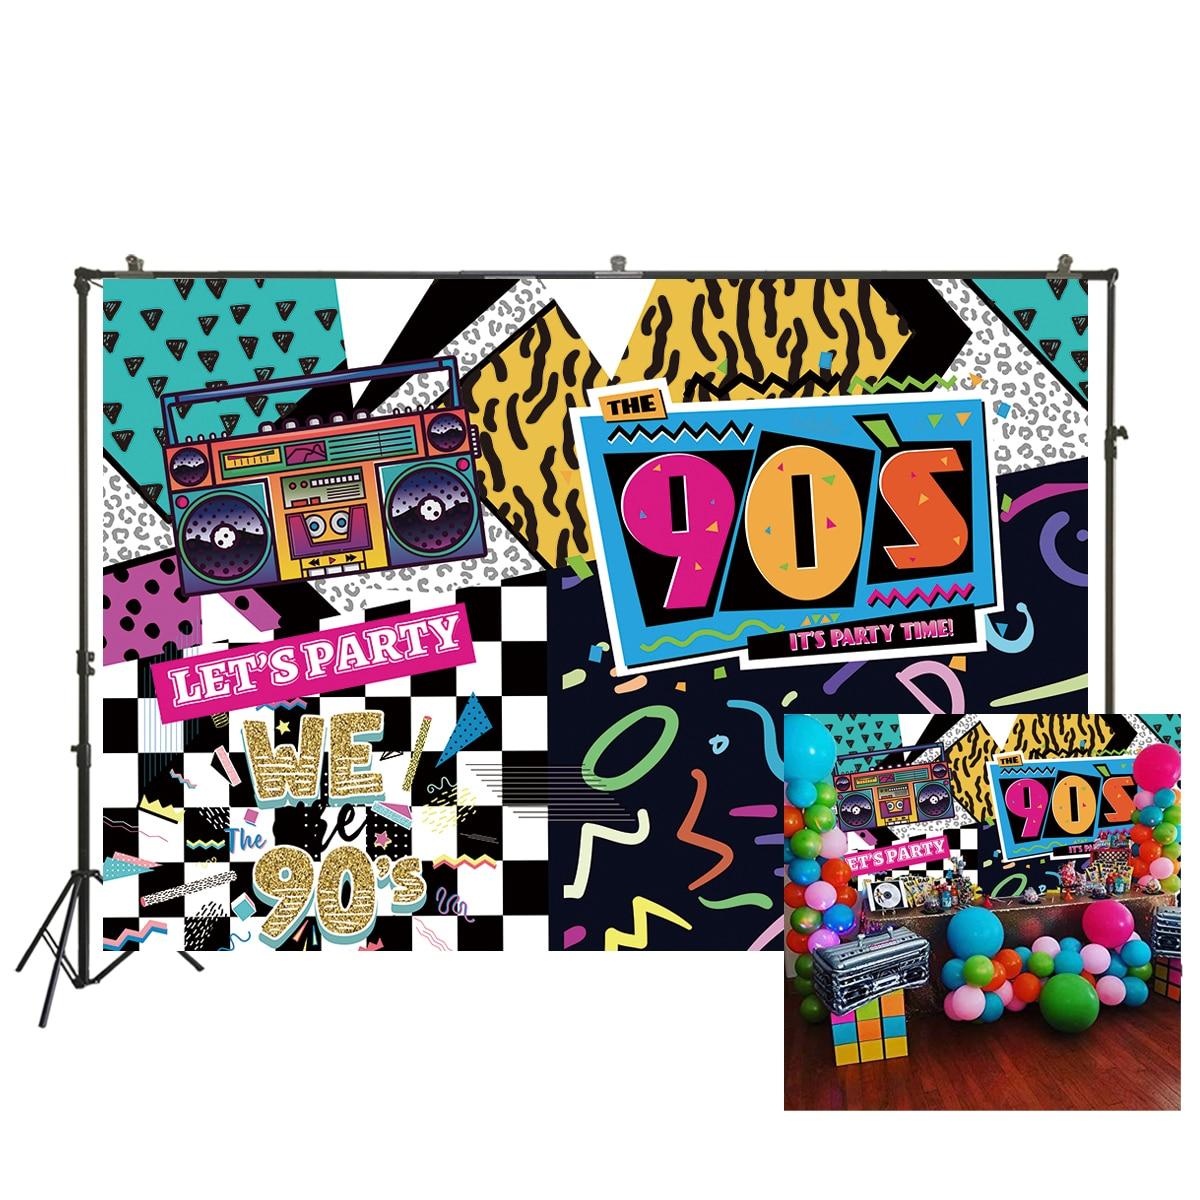 90s Graffiti pared fotografía telón de fondo Hip Hop foto estudio Fondo 90s cumpleaños fiesta decoraciones W-2188